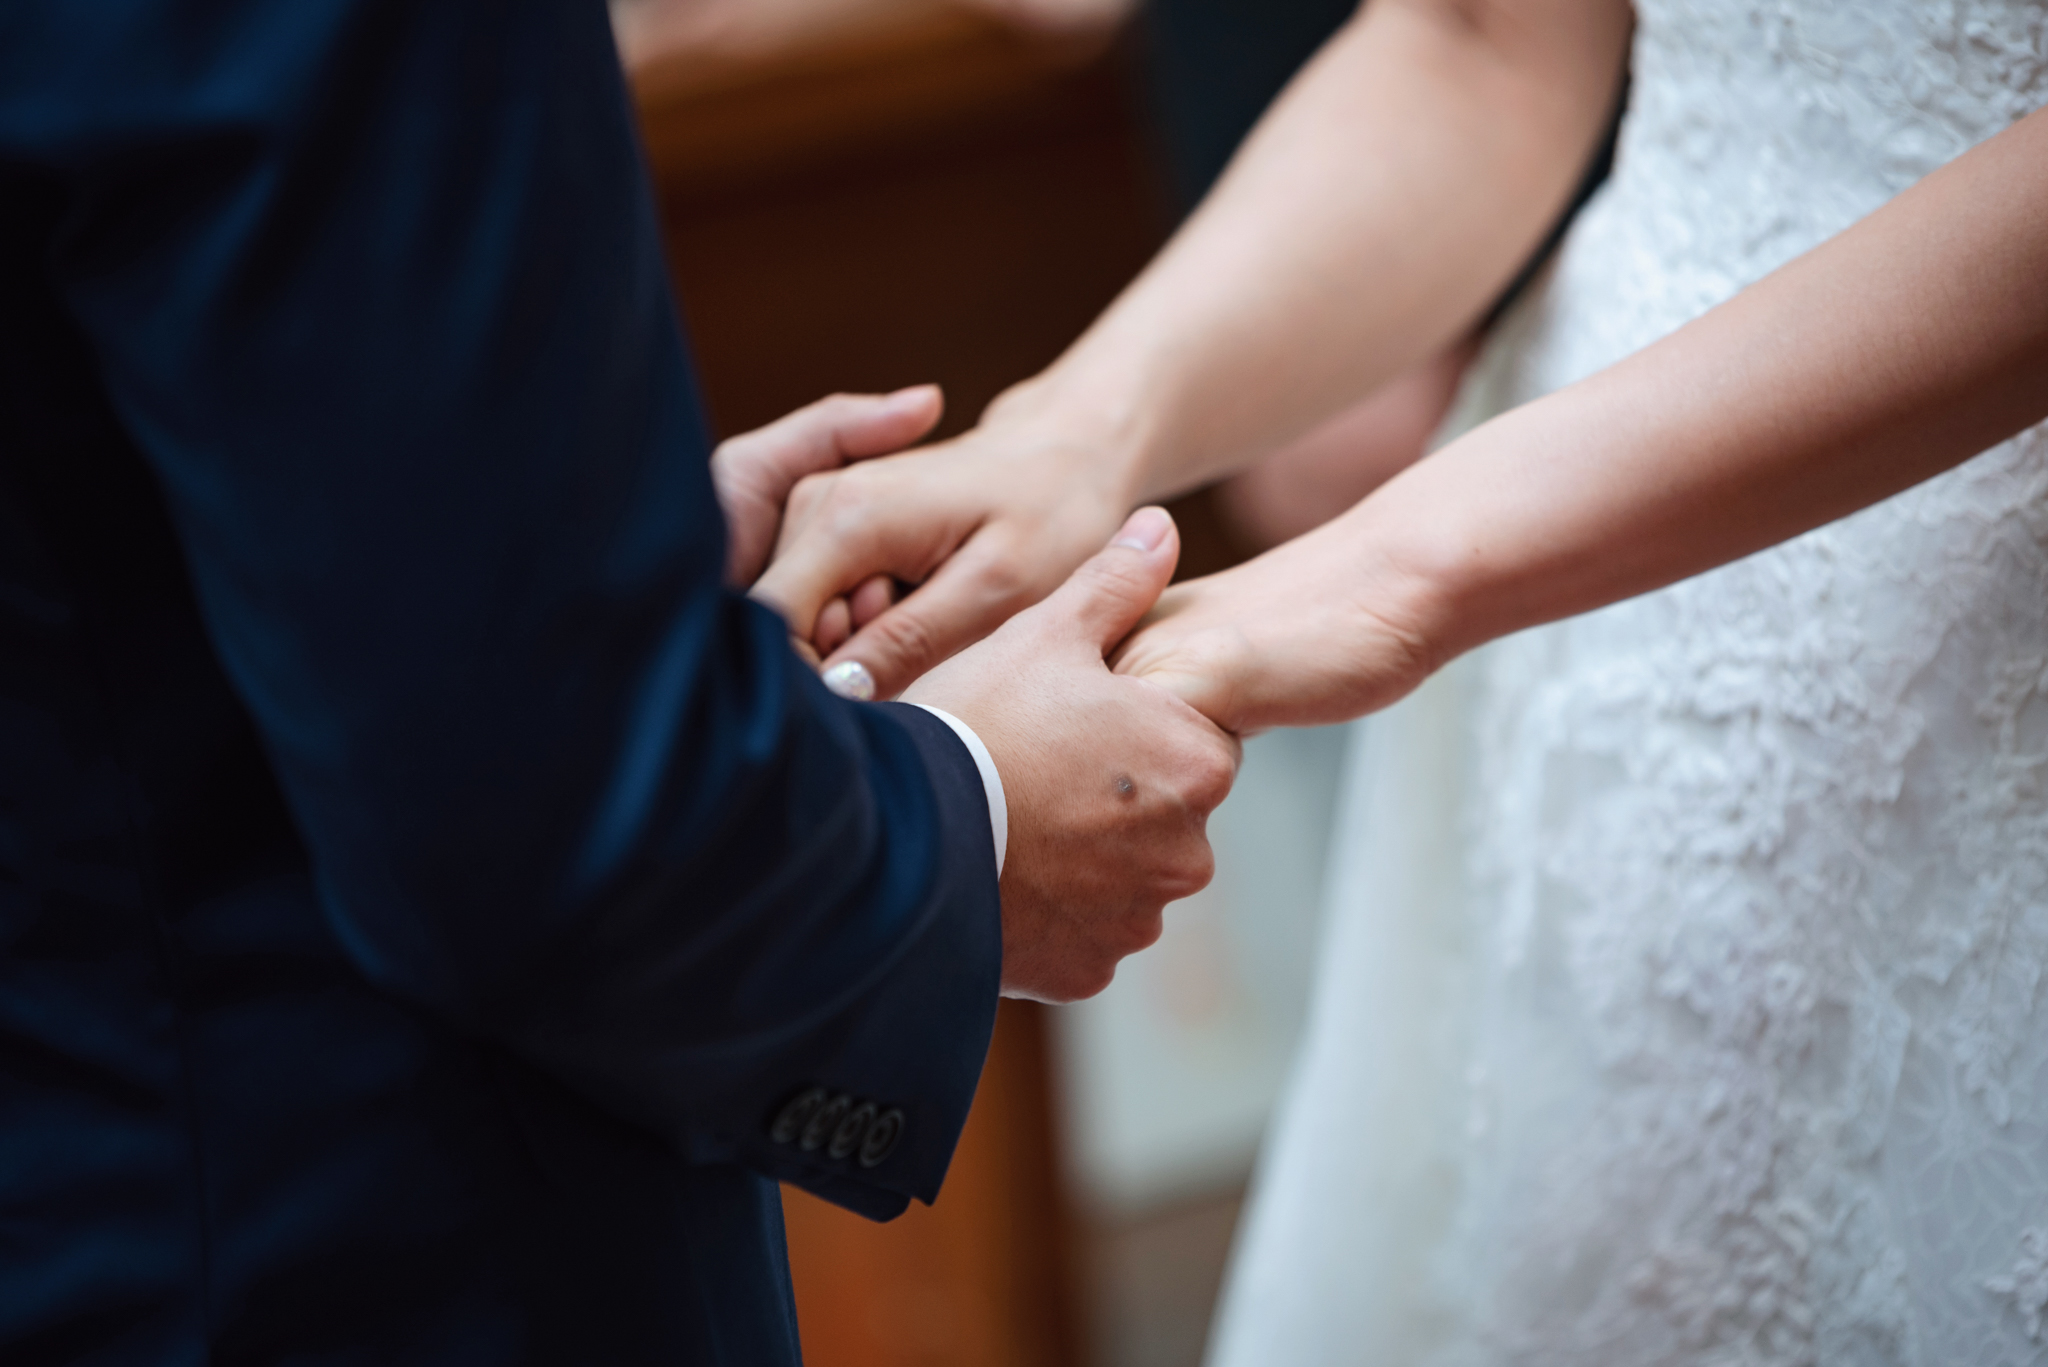 東法, EASTERN WEDDING, 婚禮紀錄, 台北婚攝, 婚禮影像, 雙攝影師, 世貿33